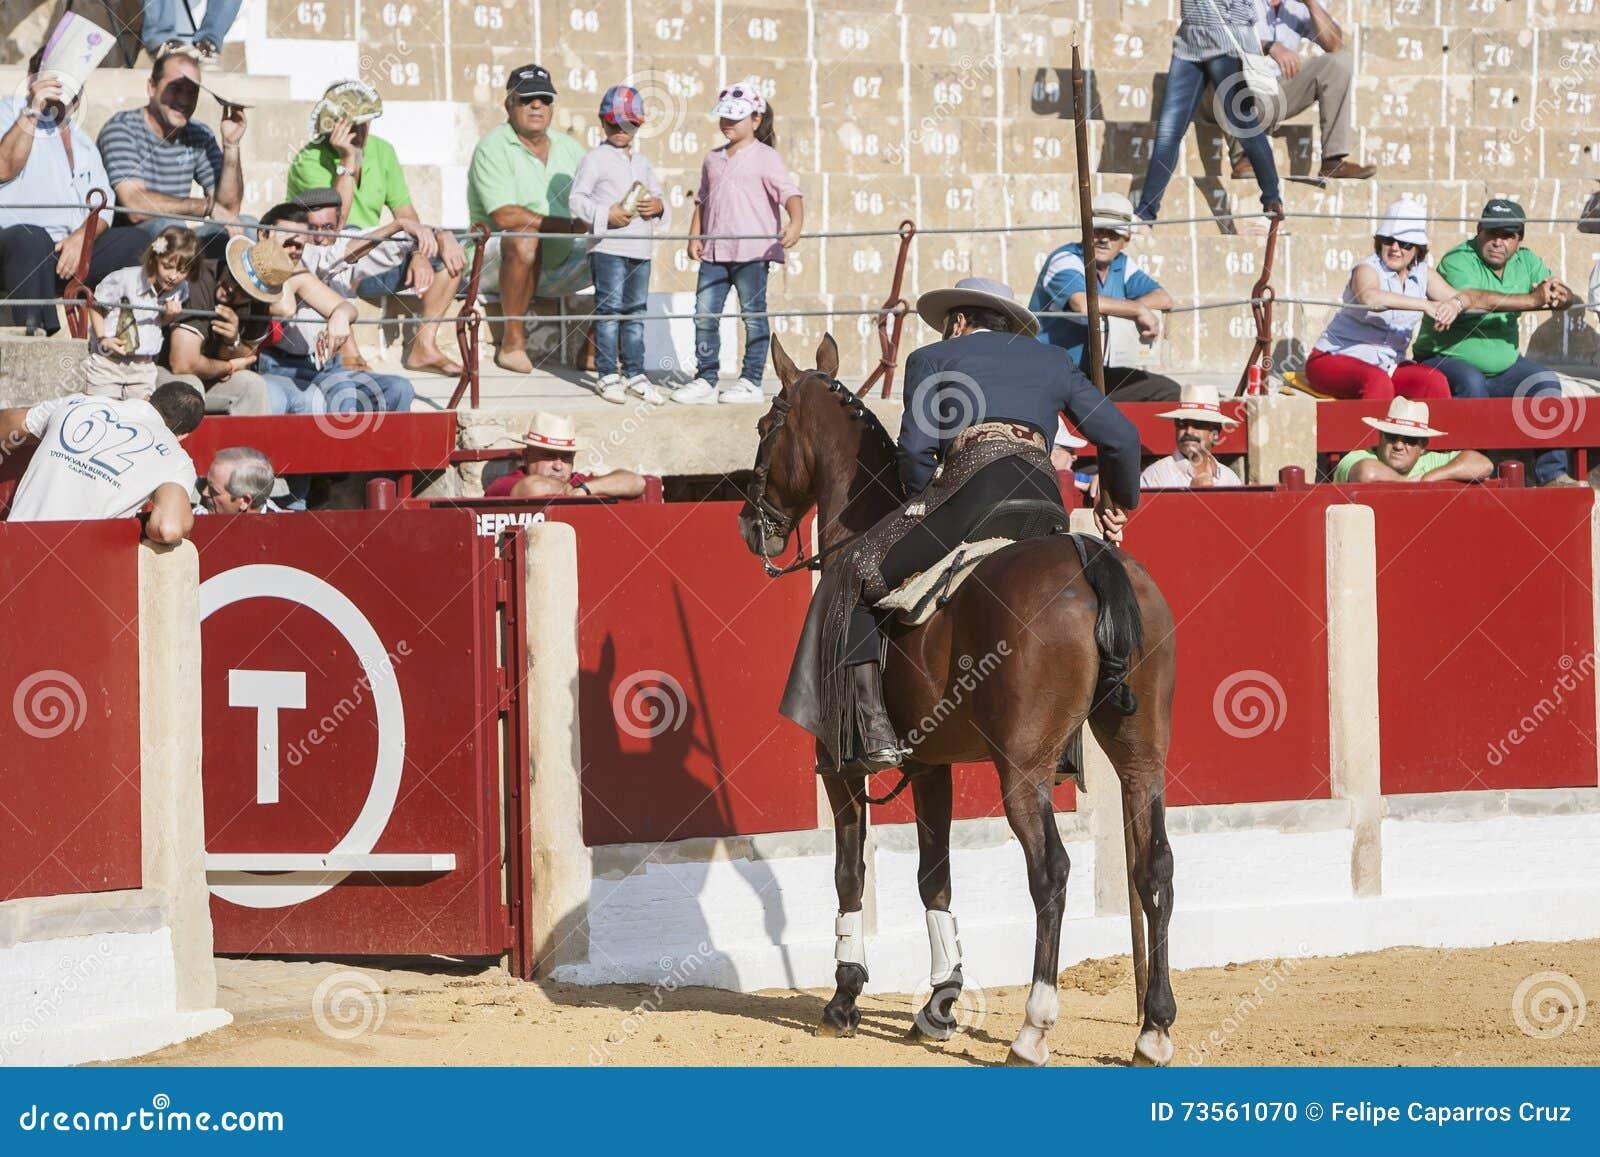 Alvaro Montes, spanisches garrocha Hexe des Stierkämpfers zu Pferd (